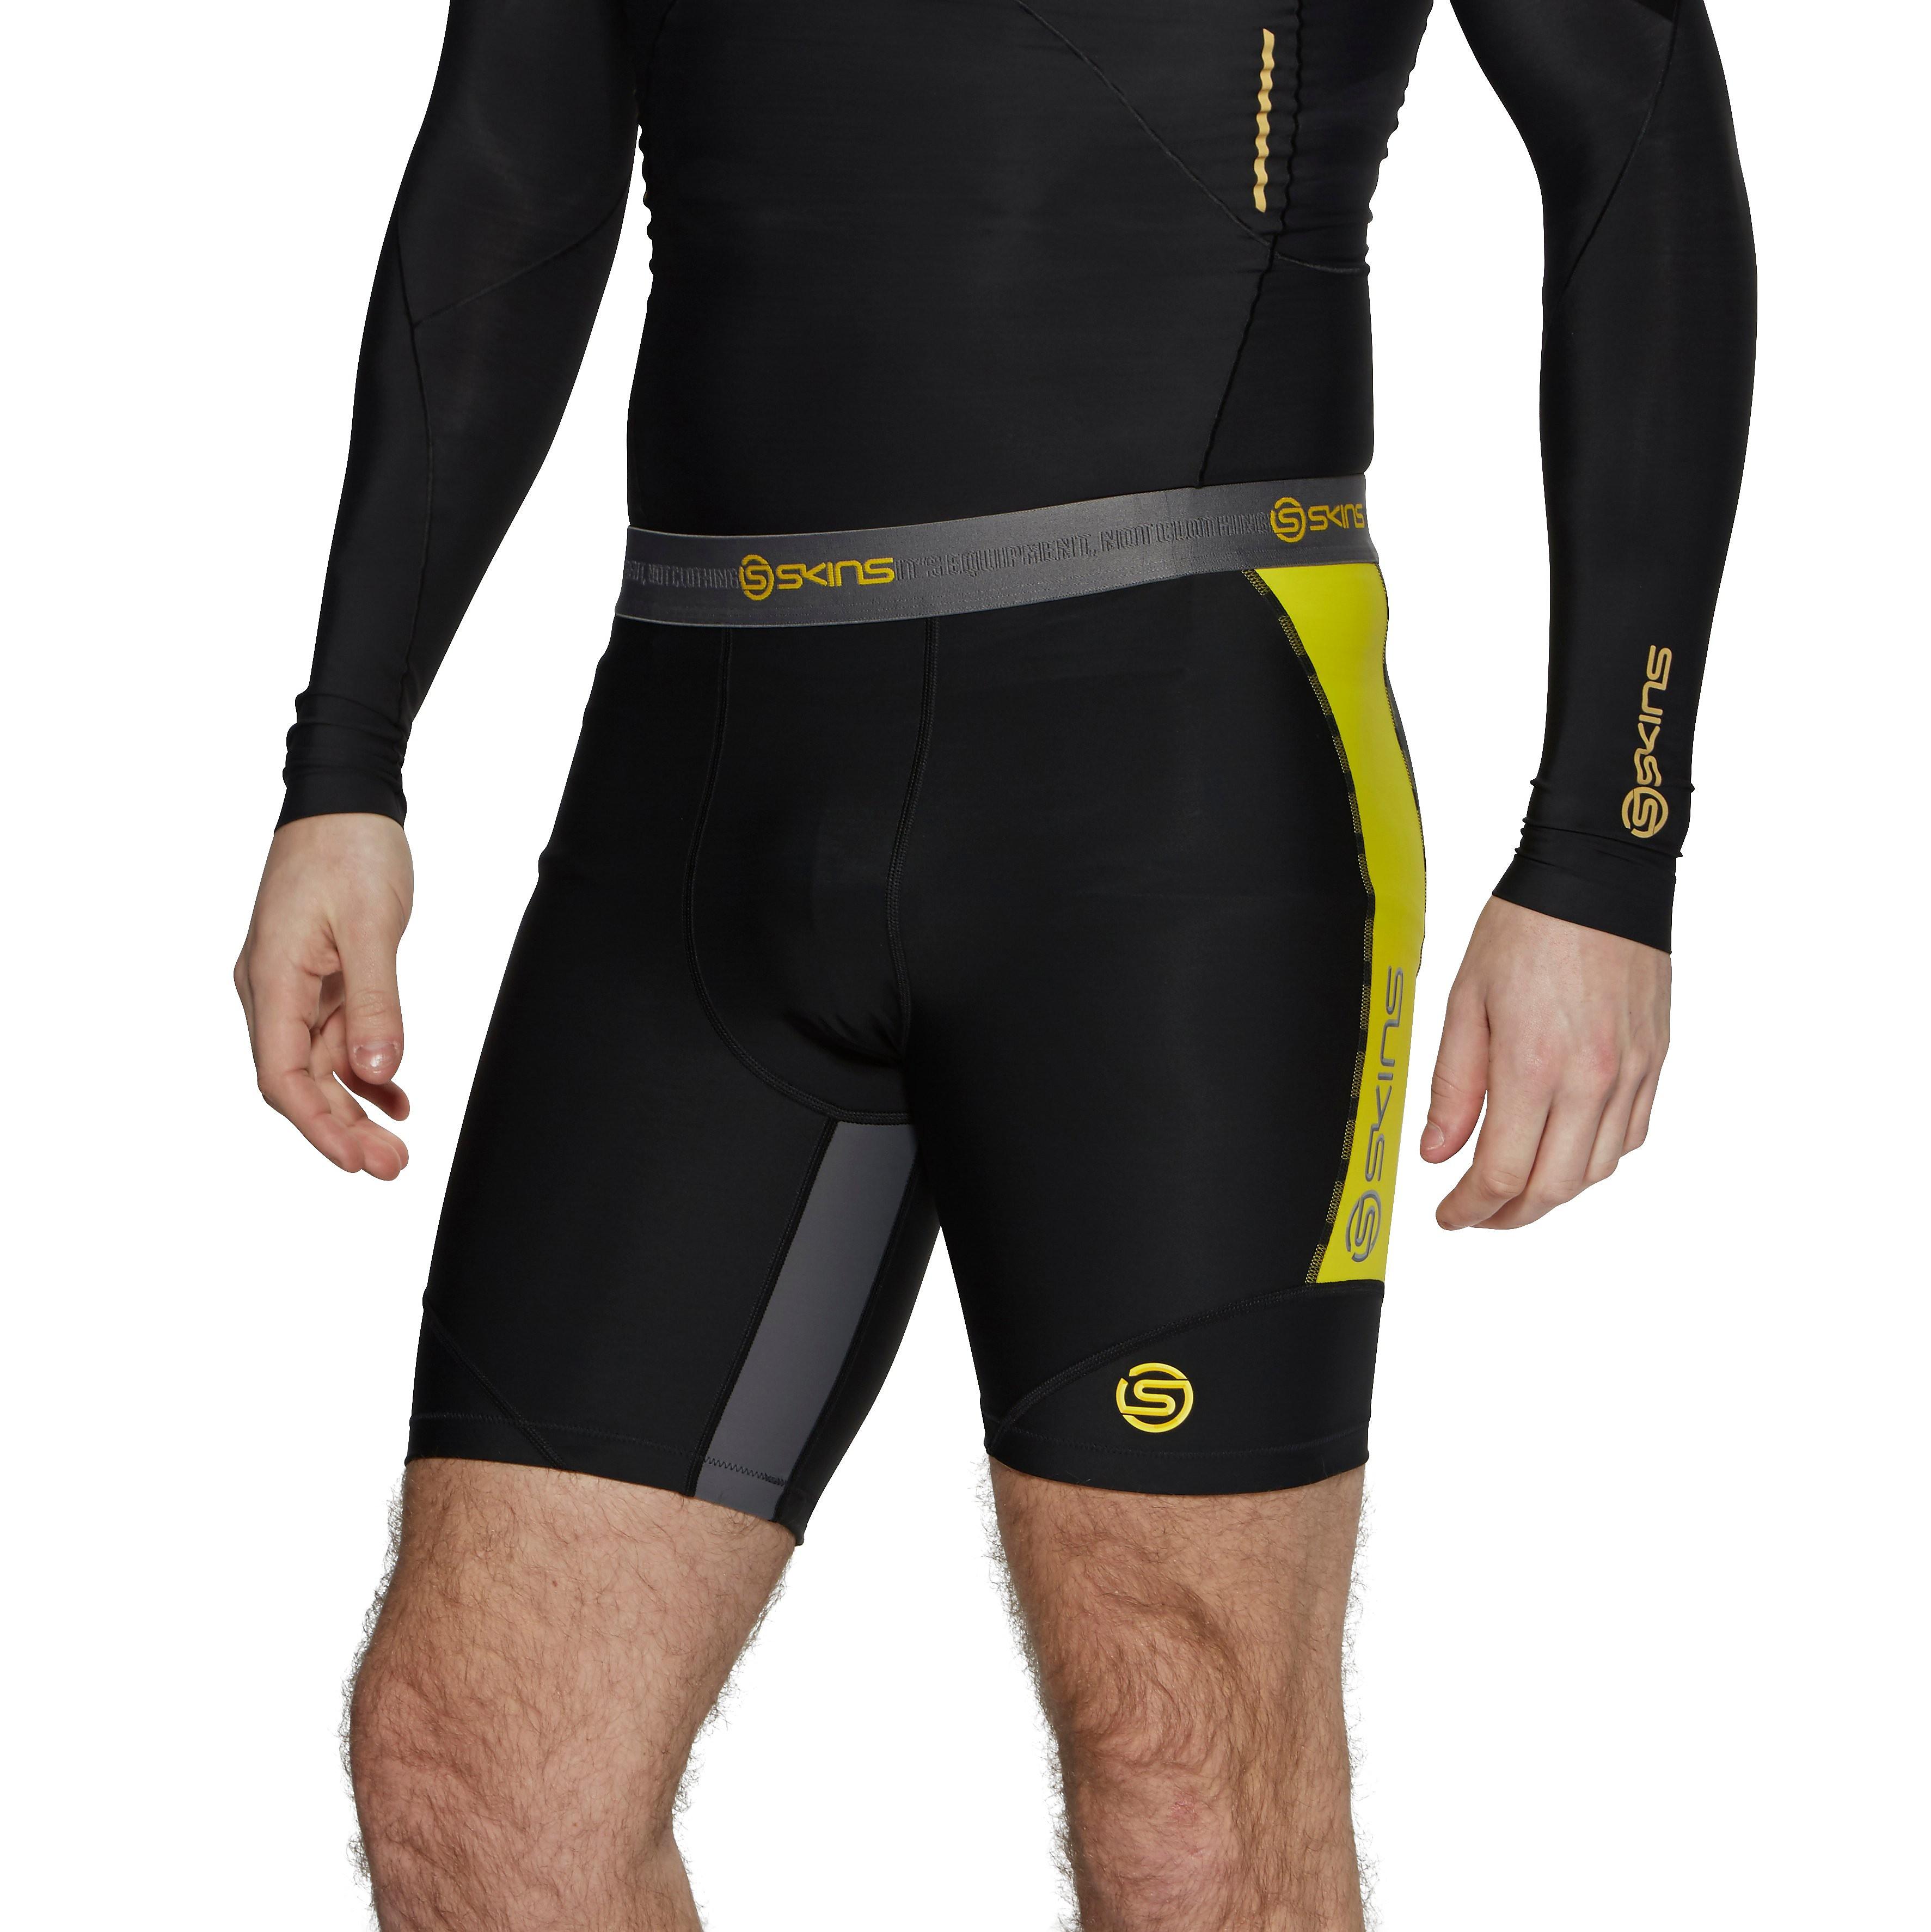 Skins DNAmic Men's Compression Shorts